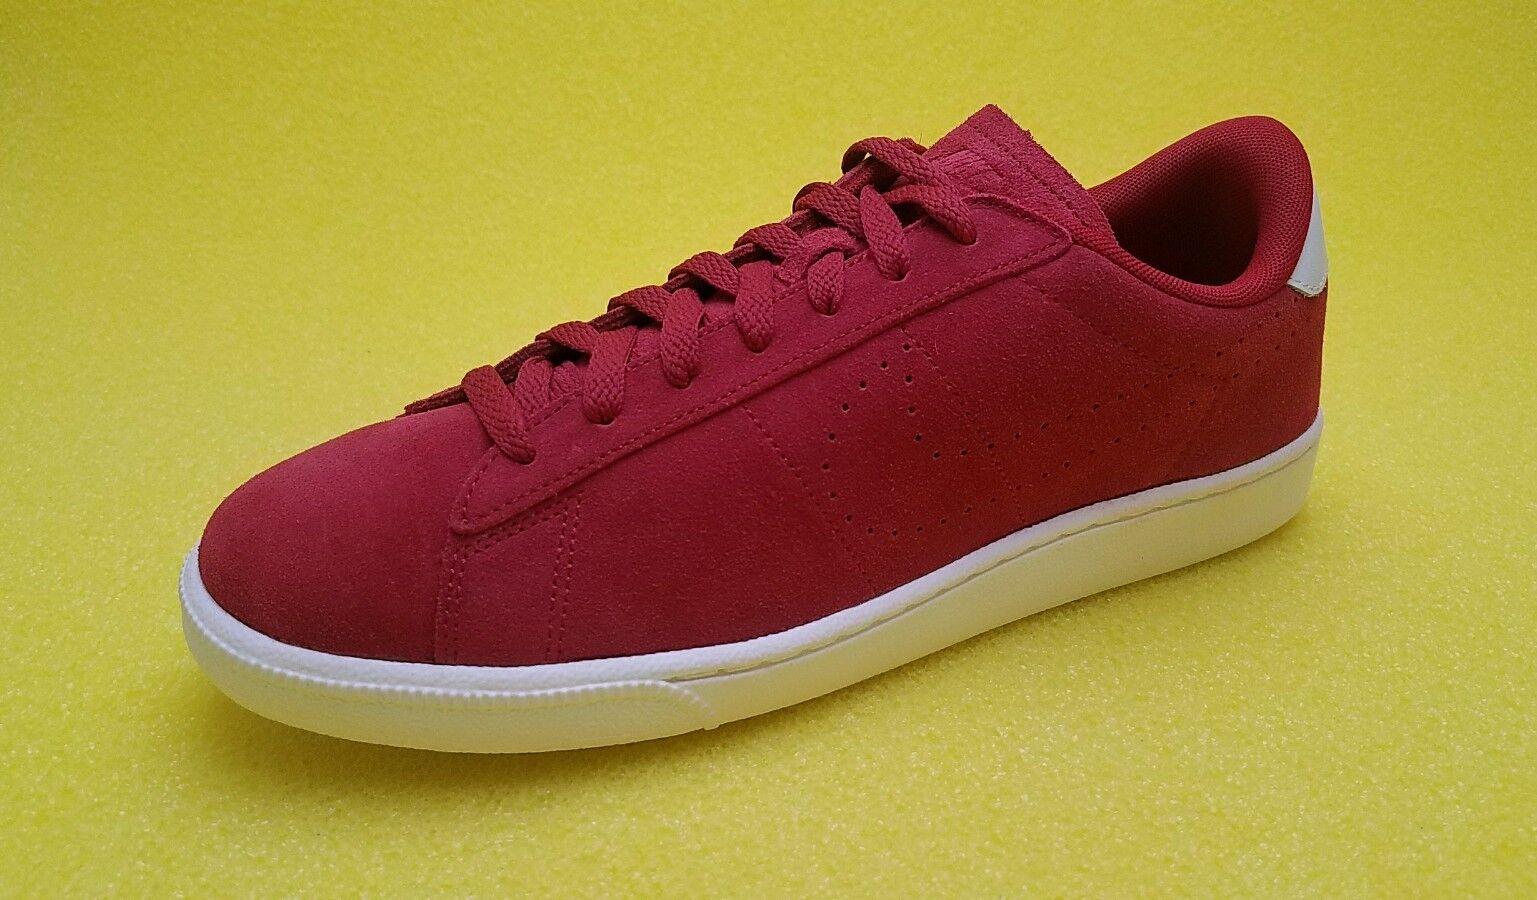 Hombre nike Tennis casuales Classic CS Suede zapatos casuales Tennis comodos zapatos para hombres y mujeres, el limitado tiempo de descuento 9bf46e